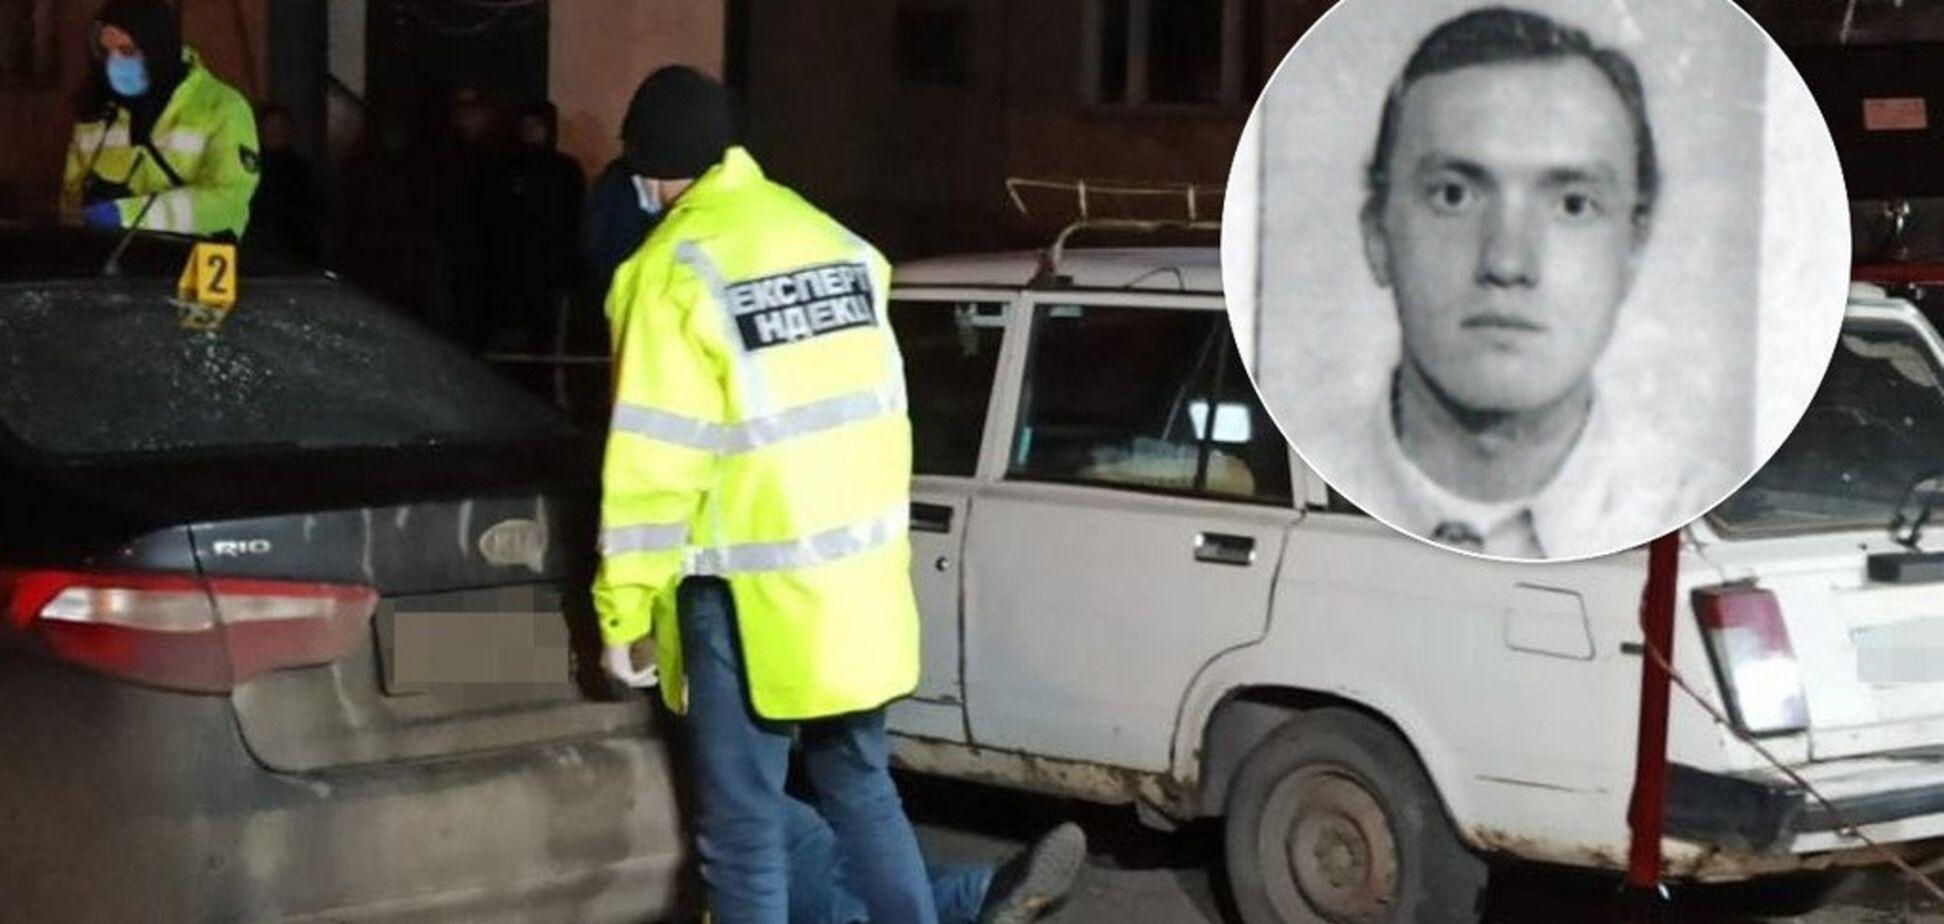 Должность получил не случайно: что известно о застреленном в Харькове директоре кладбища